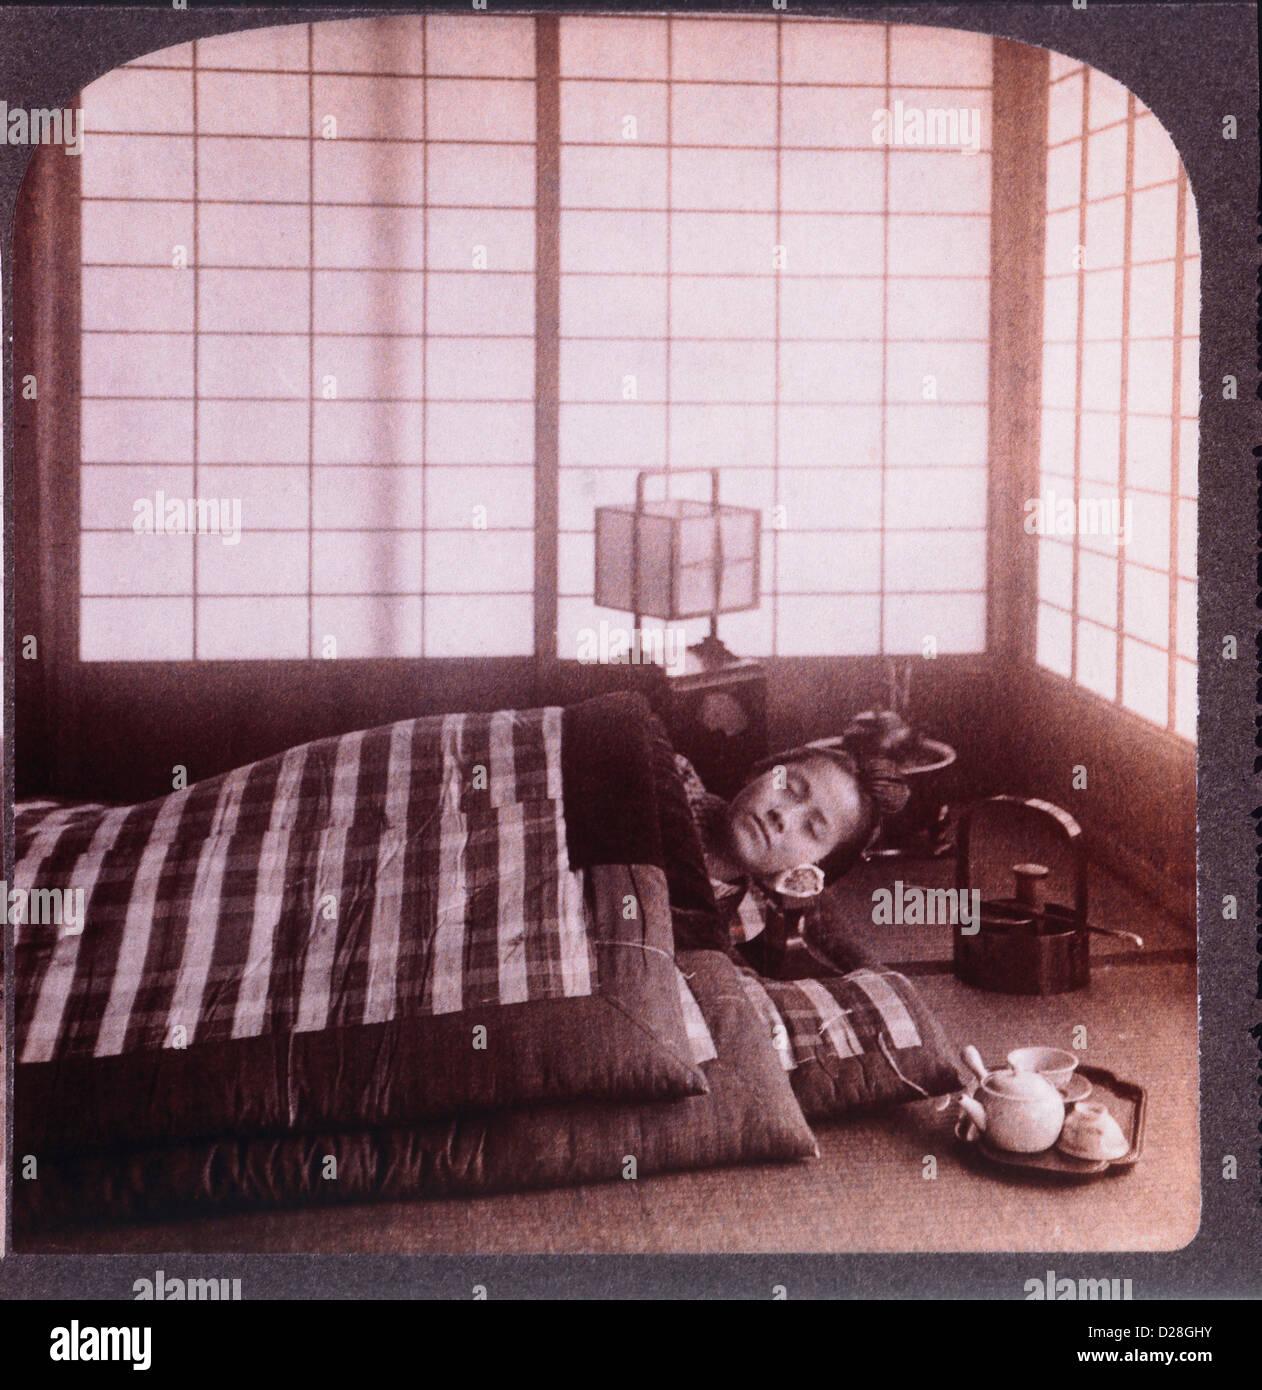 Mujer joven durmiendo entre los futones, Stereo Fotografía, 1904 Foto de stock